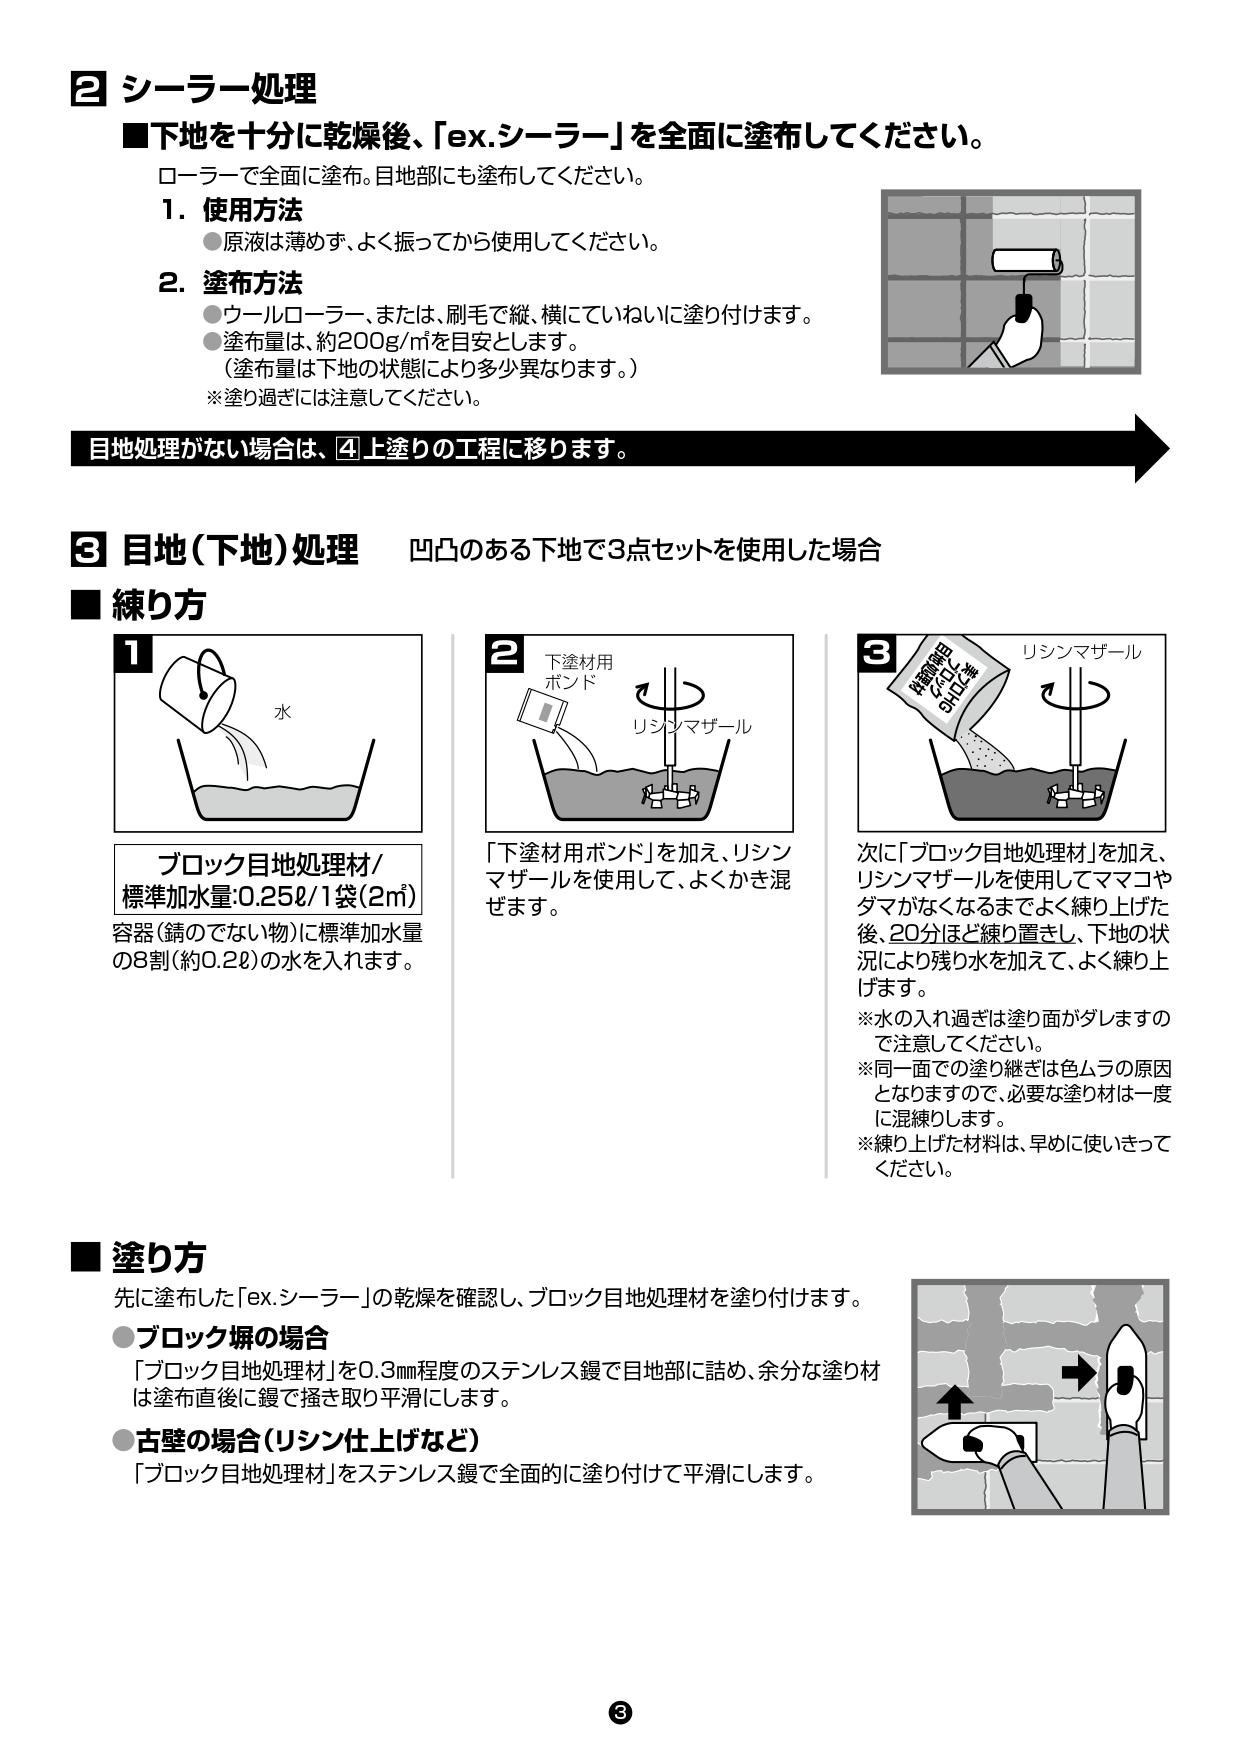 美ブロHG 施工要領書_page-0003